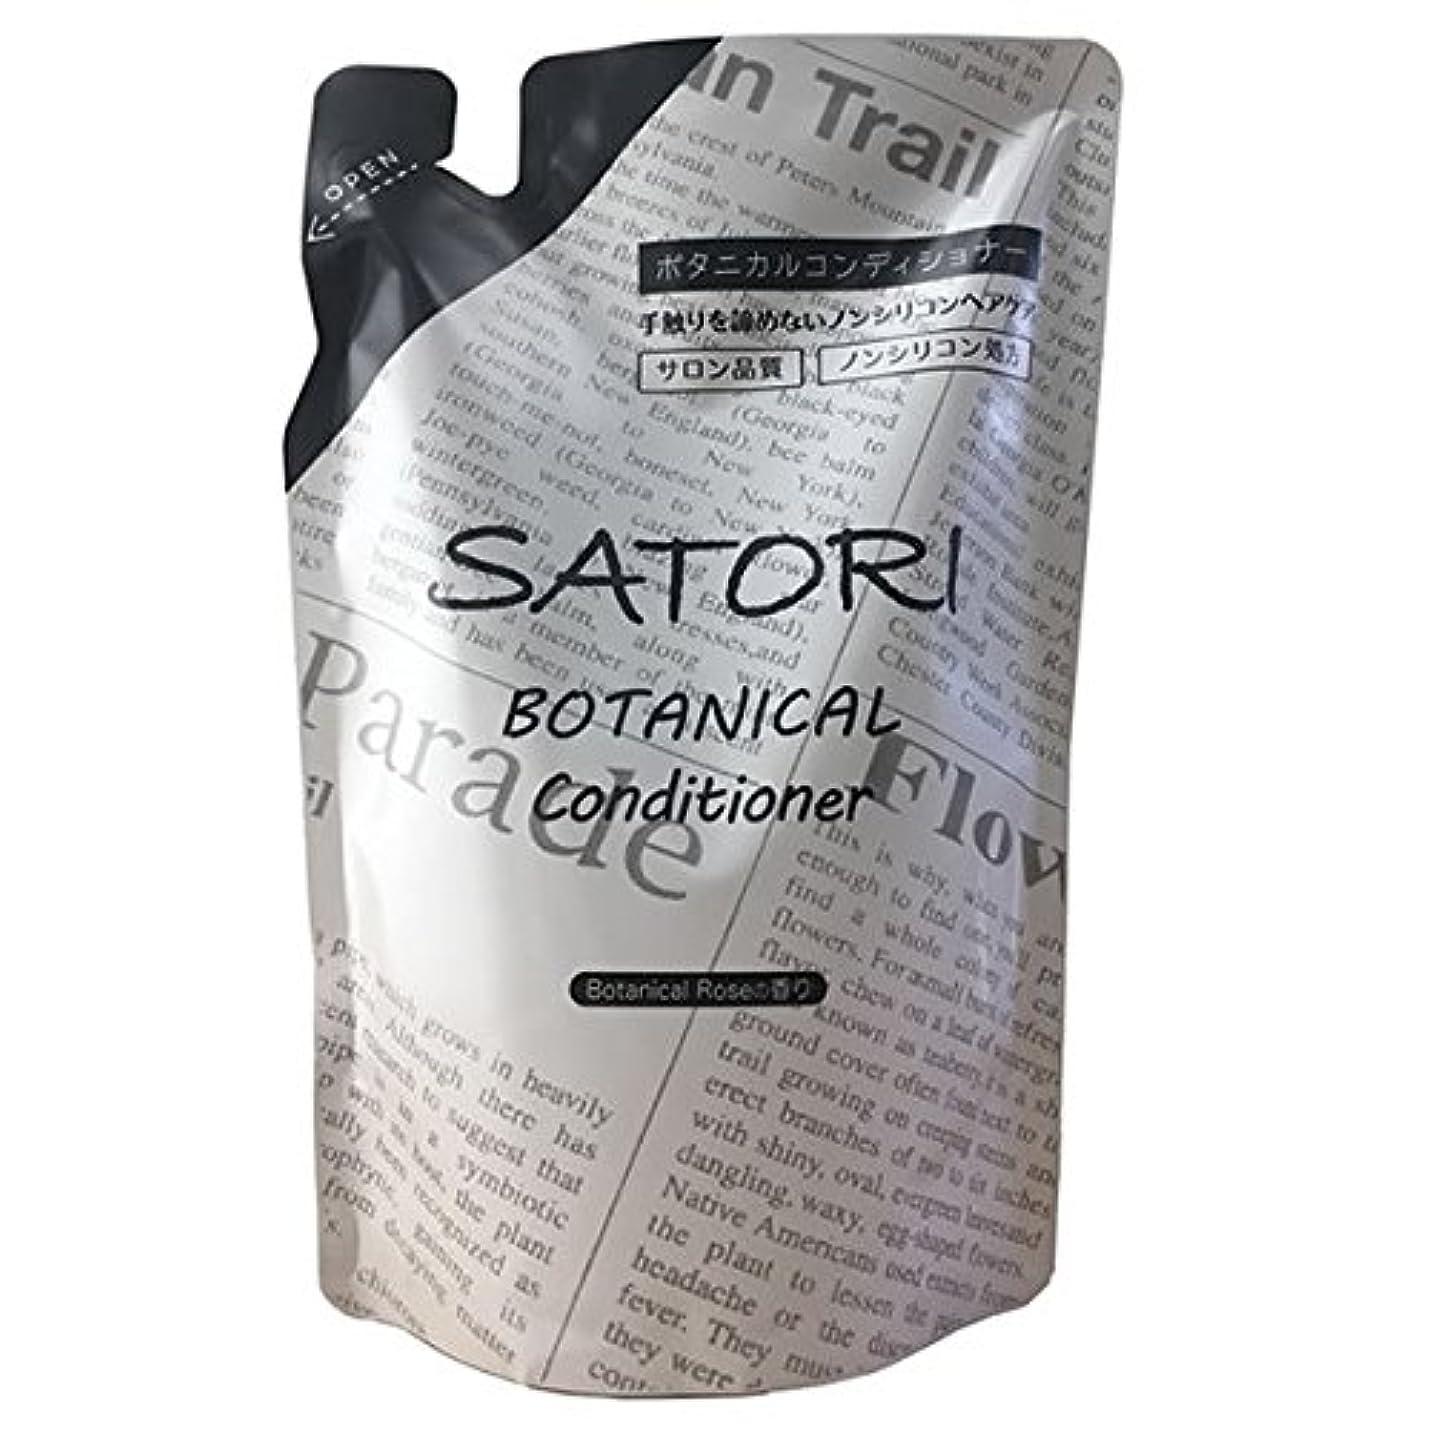 ハンドブックベルト厚くするSATORI(サトリ) ボタニカルコンディショナー レフィル 400ml